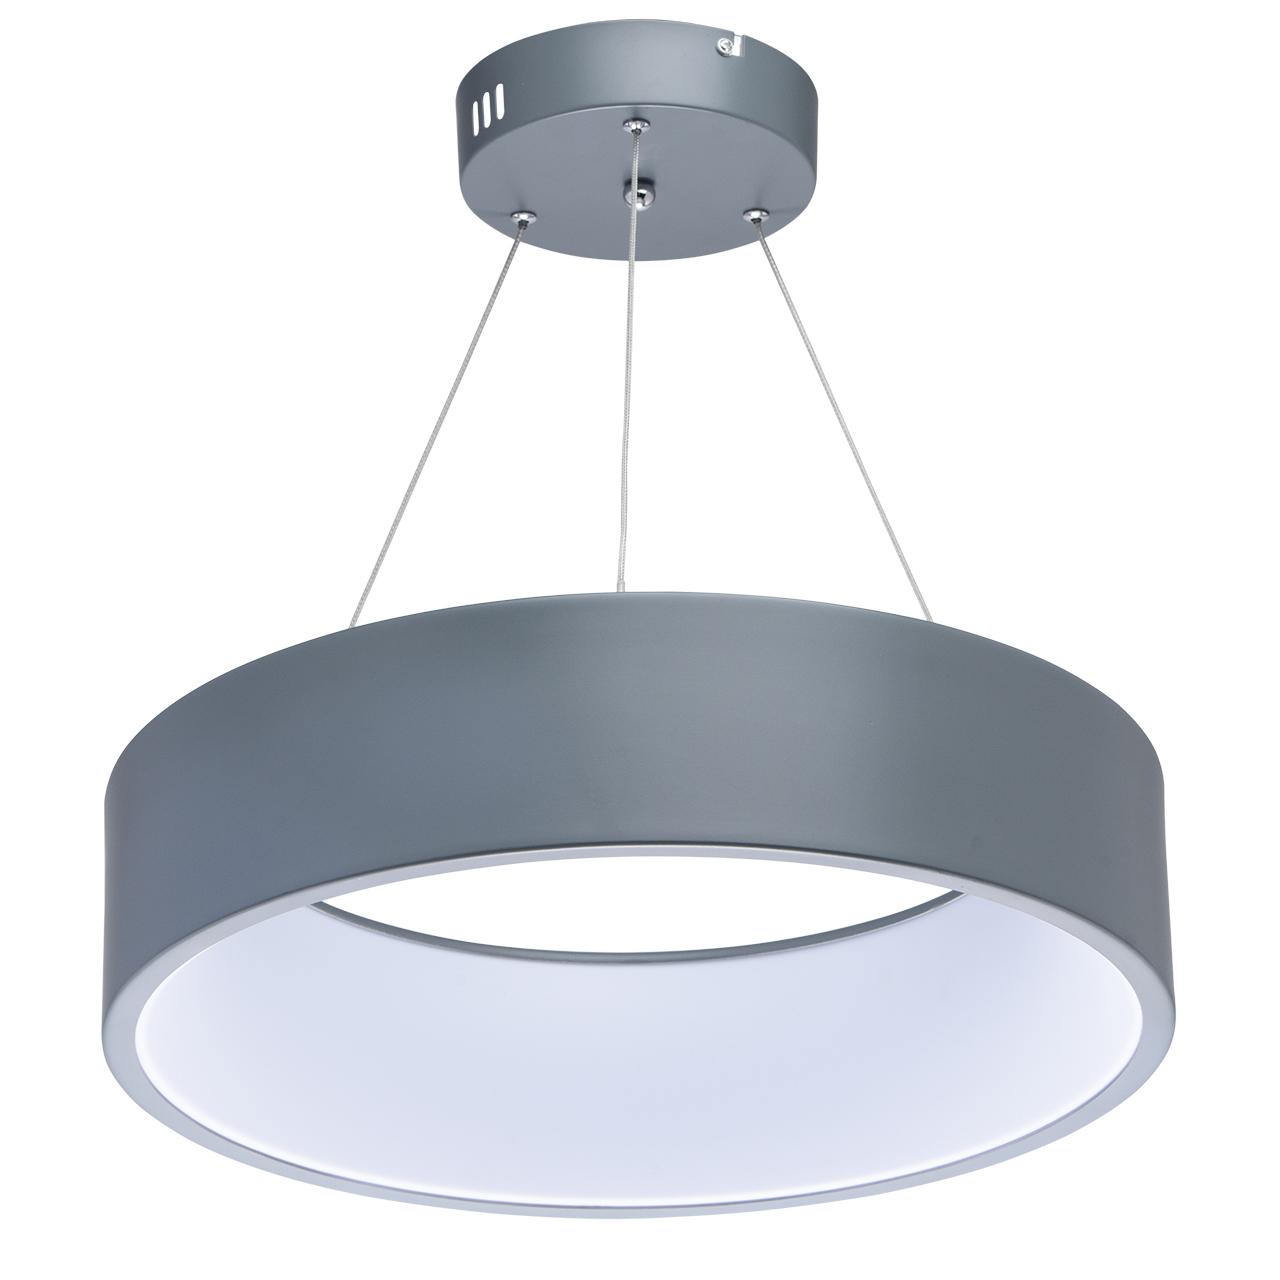 Góra Szara lampa wisząca LED DeMarkt Techno | sklep internetowy KP54